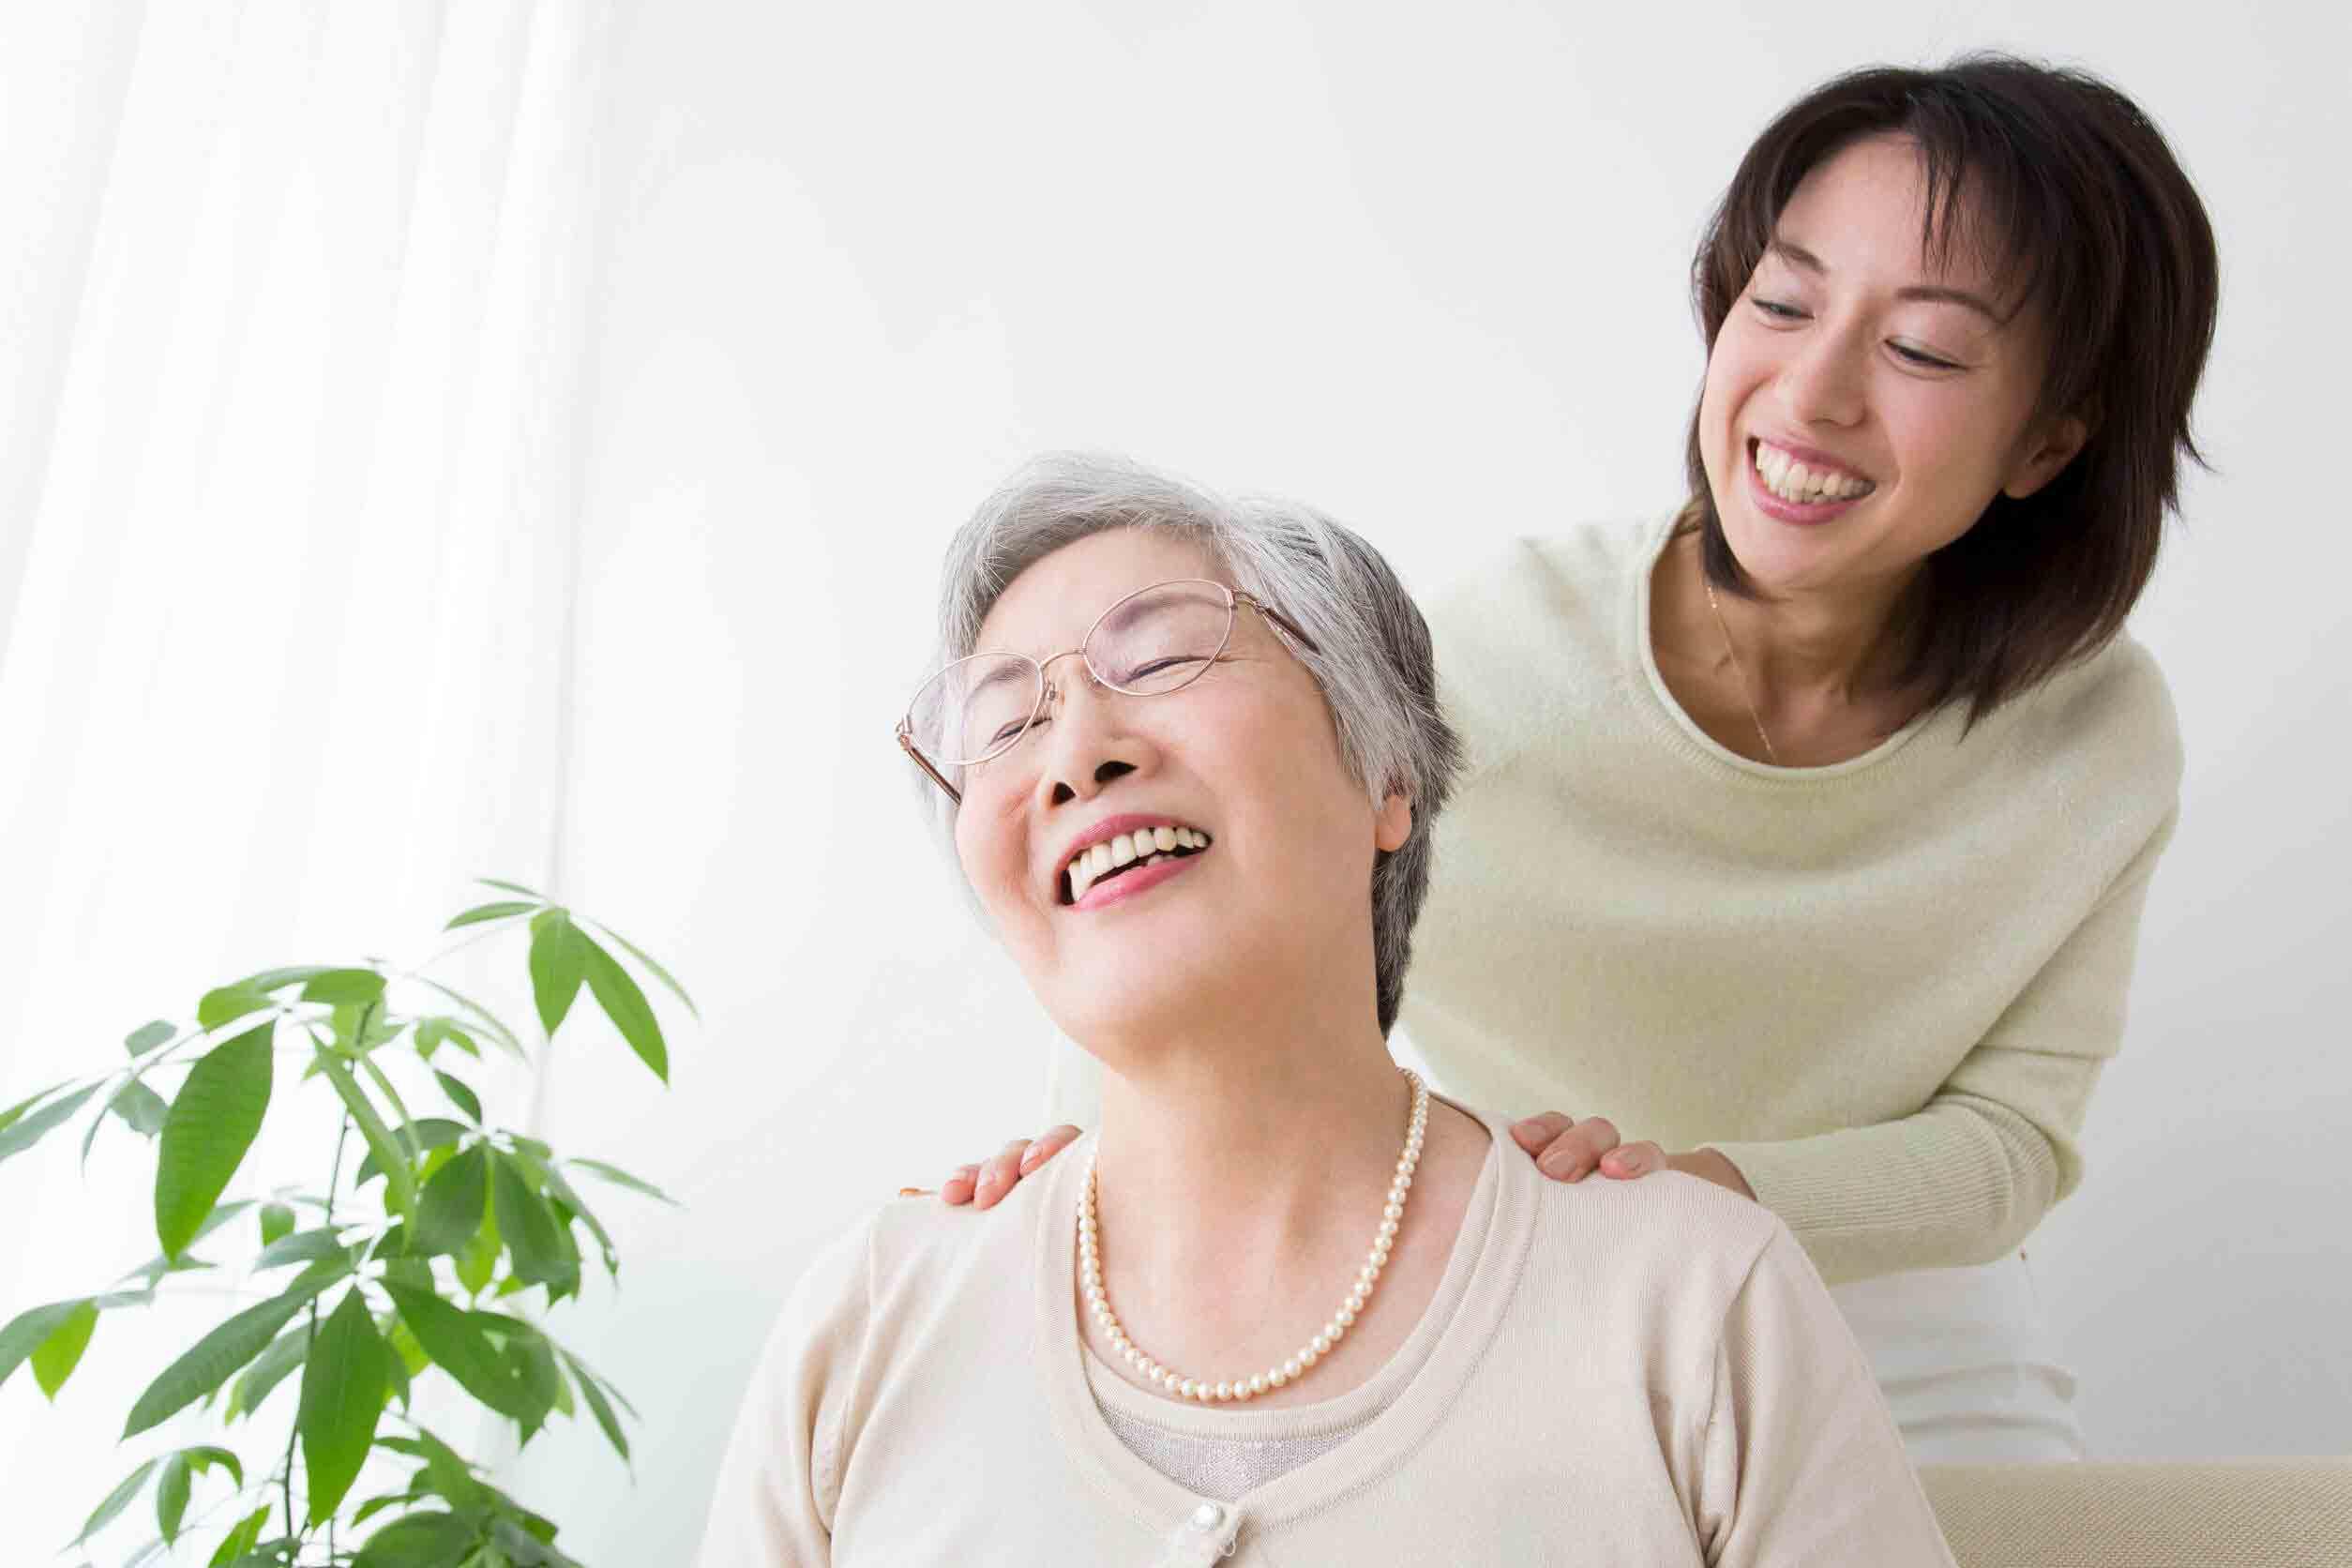 درمان استرس در سالمندی | مرکز پارسیان مهرپرور